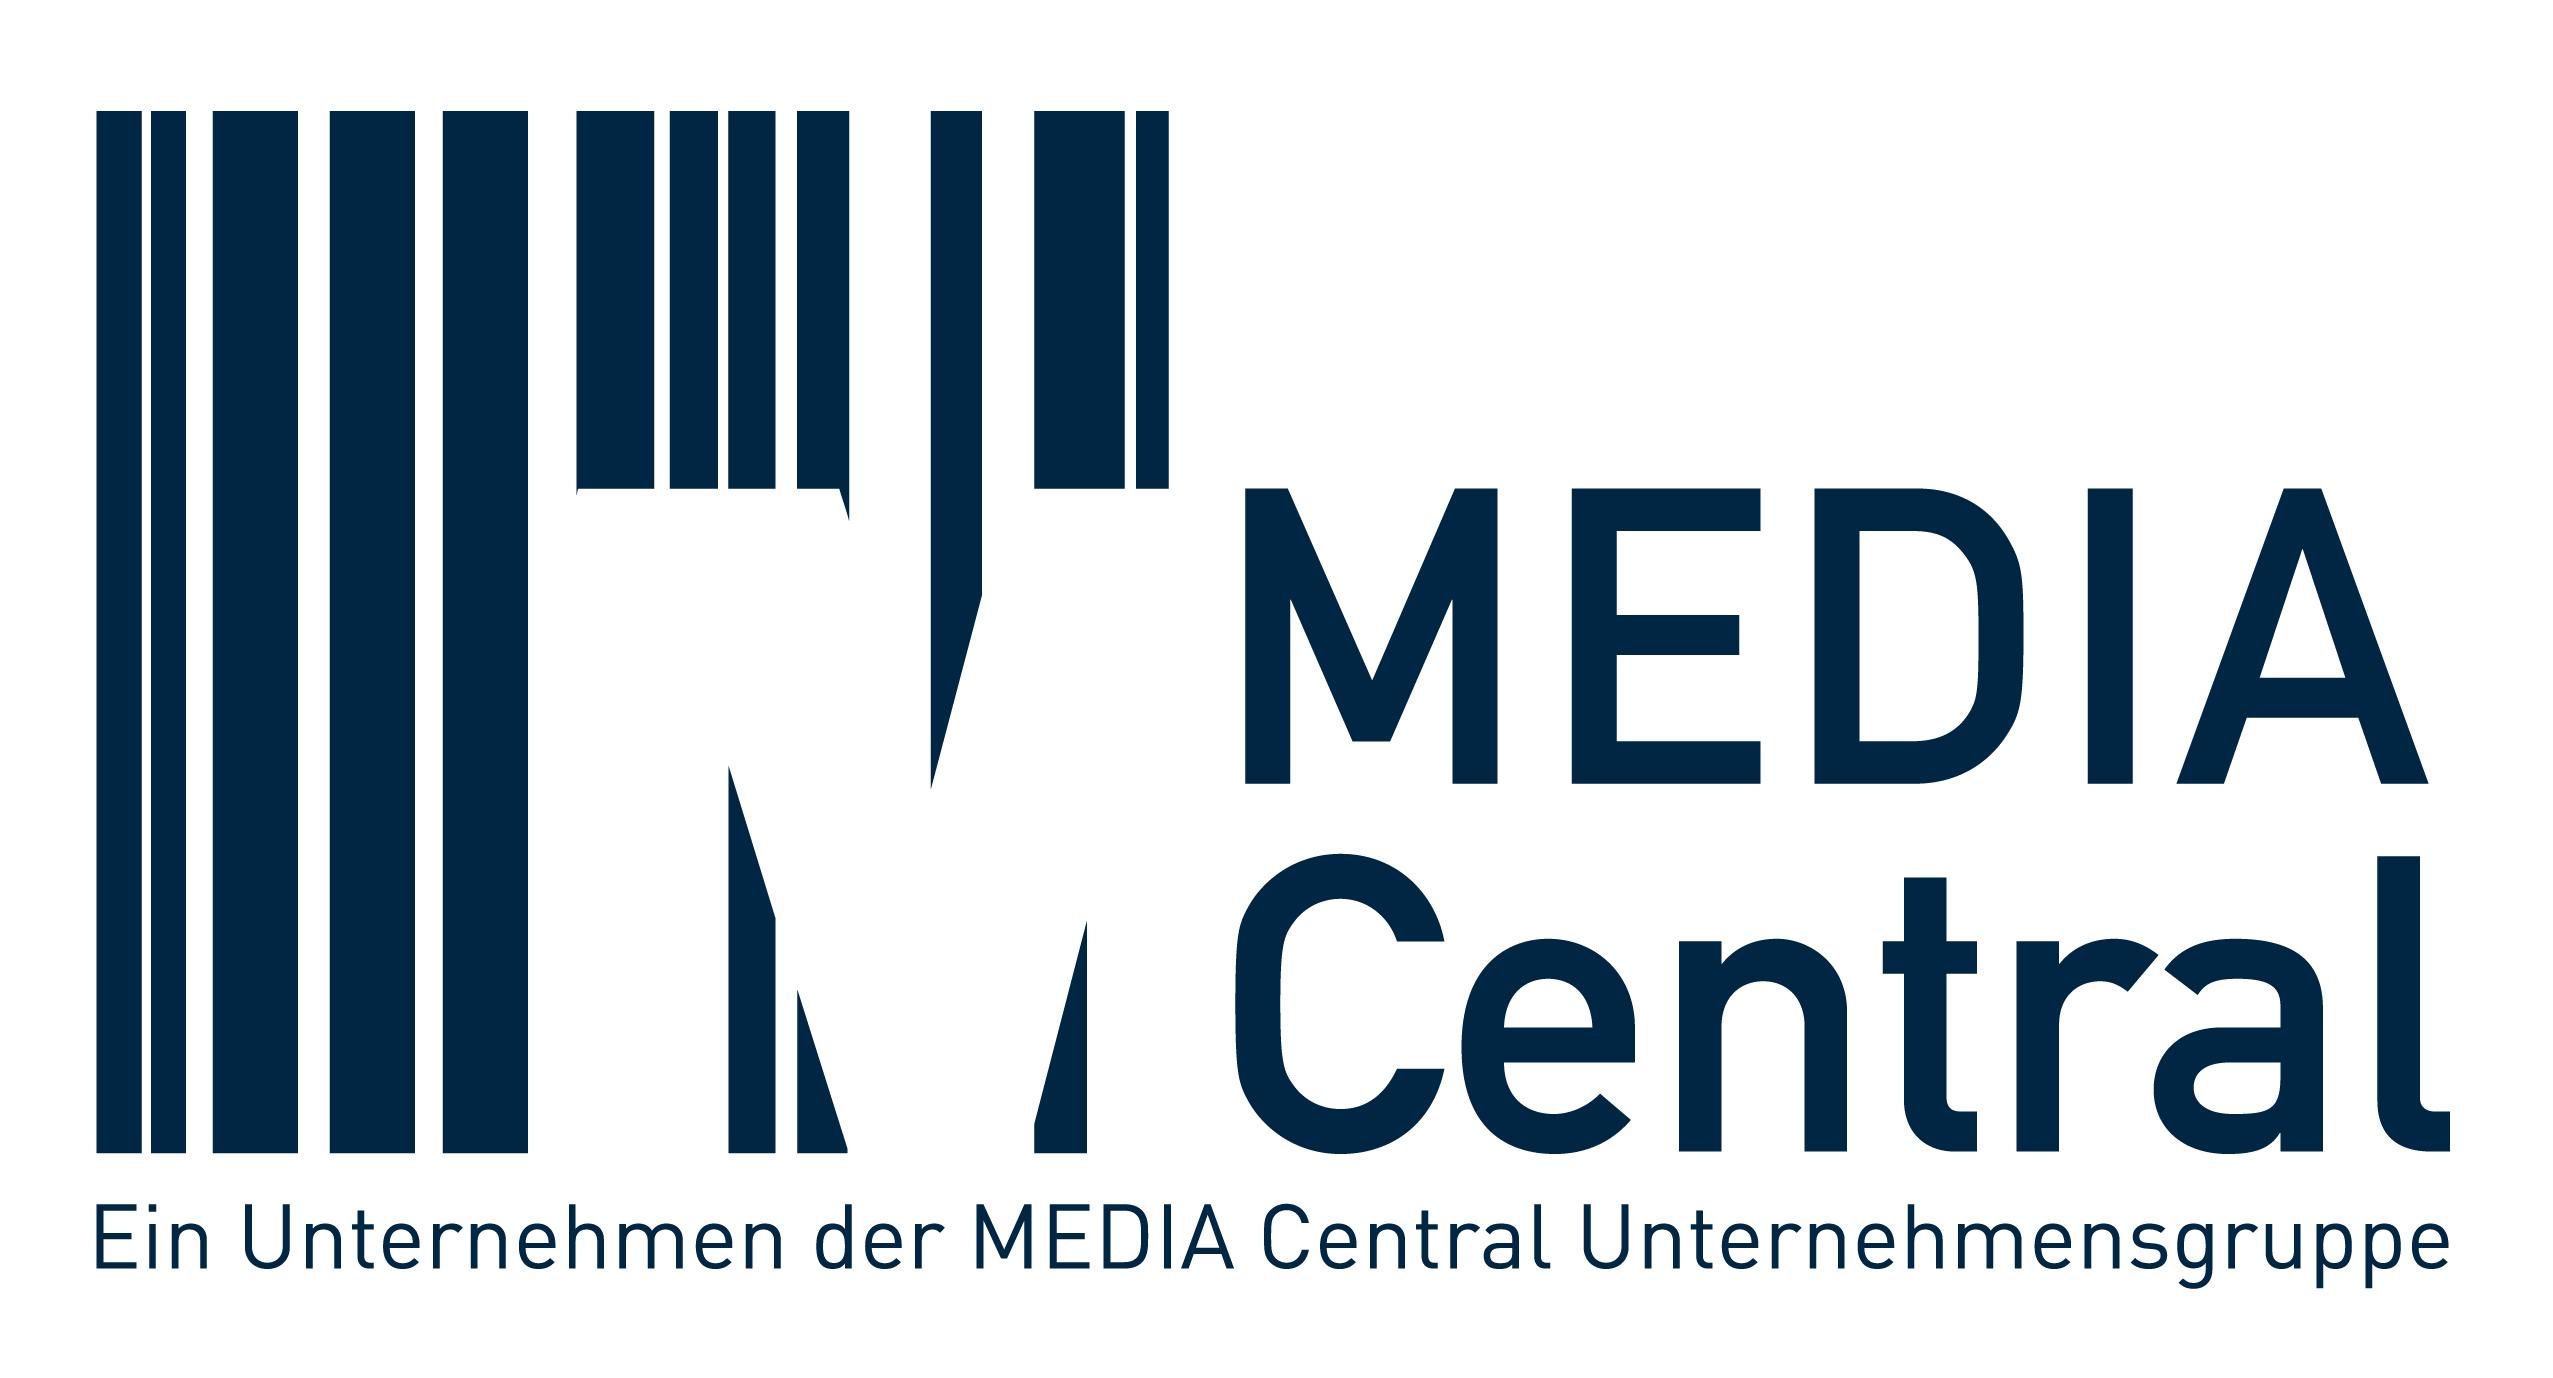 MEDIA Central Gesellschaft für Handelskommunikation und Marketing mbH Neuhofstr. 54, 41061 Mönchengladbach